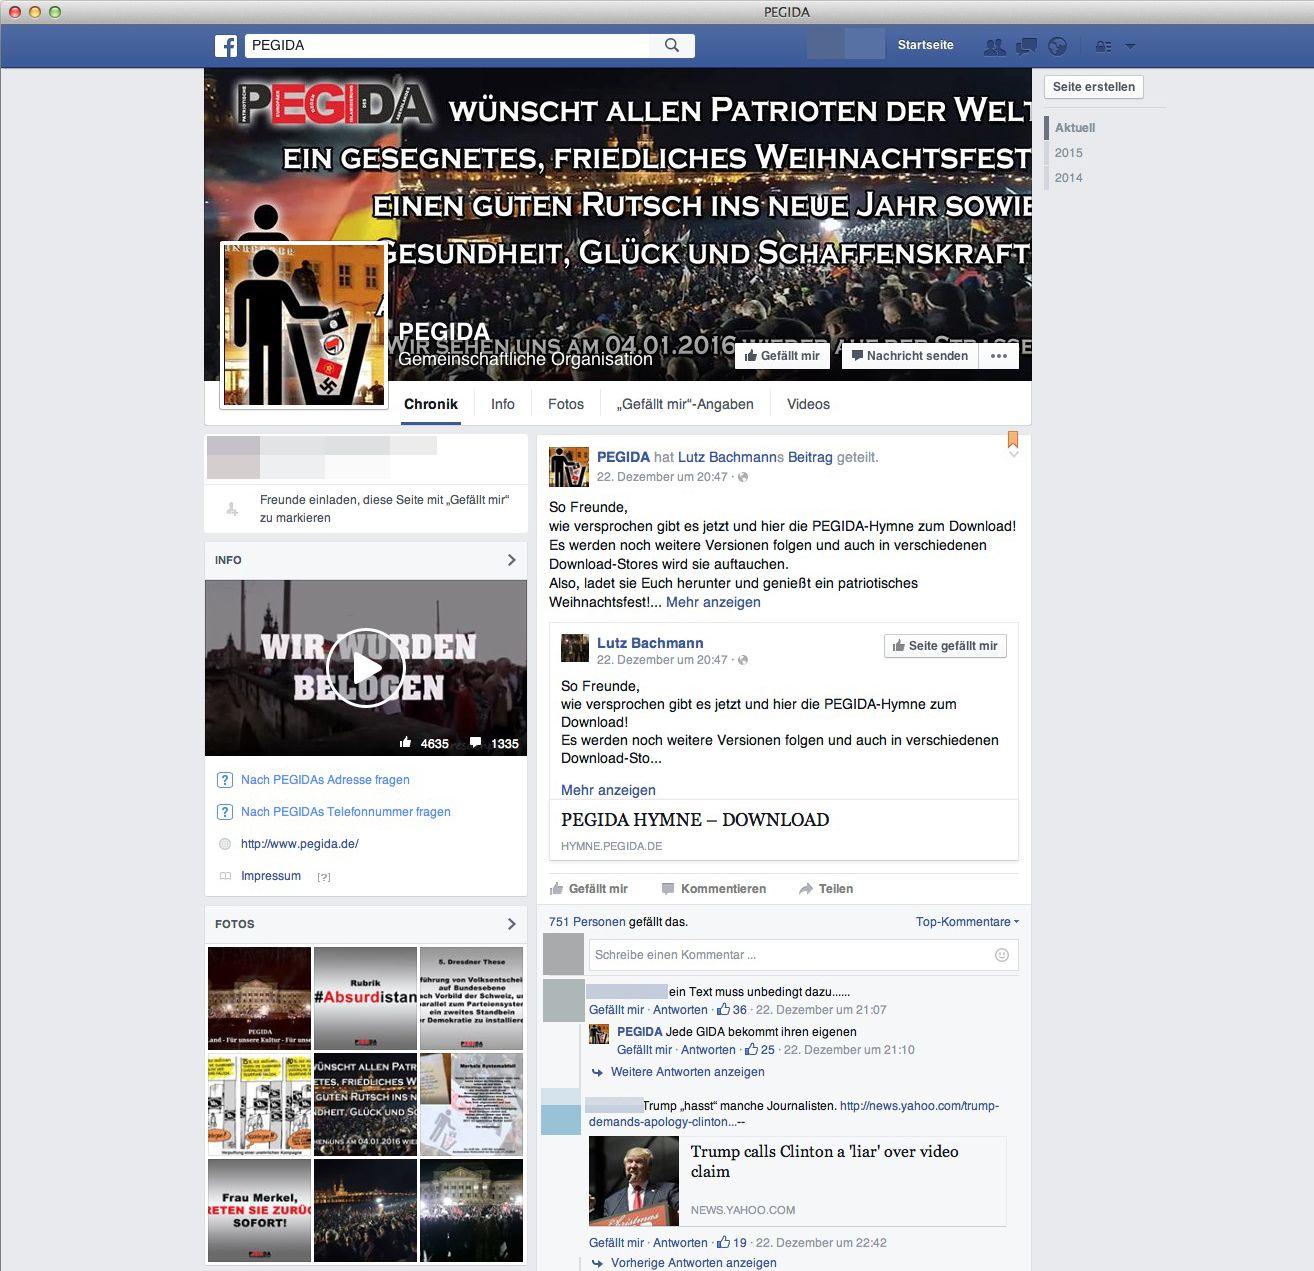 NUR ALS ZITAT Facebook/ Screenshot/ Pegida